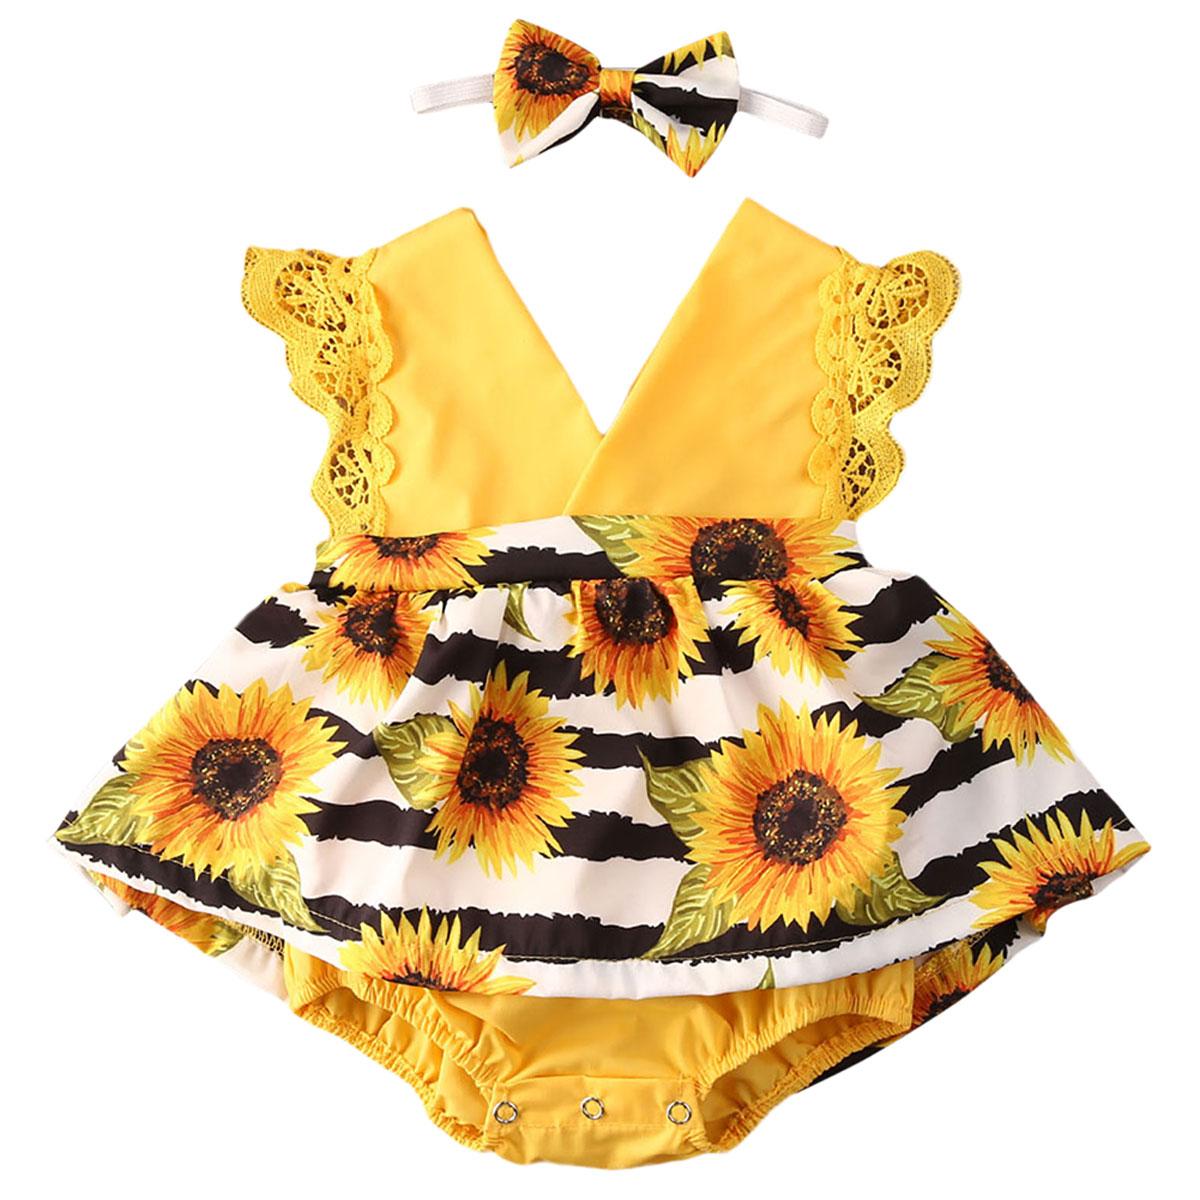 Girassóis Vestido de Meninas Sem Mangas Verão Bodysuits Do Bebê recém-nascido Bodysuits Macacões Vestido Headband 2pcs Set Roupas 0-24Months